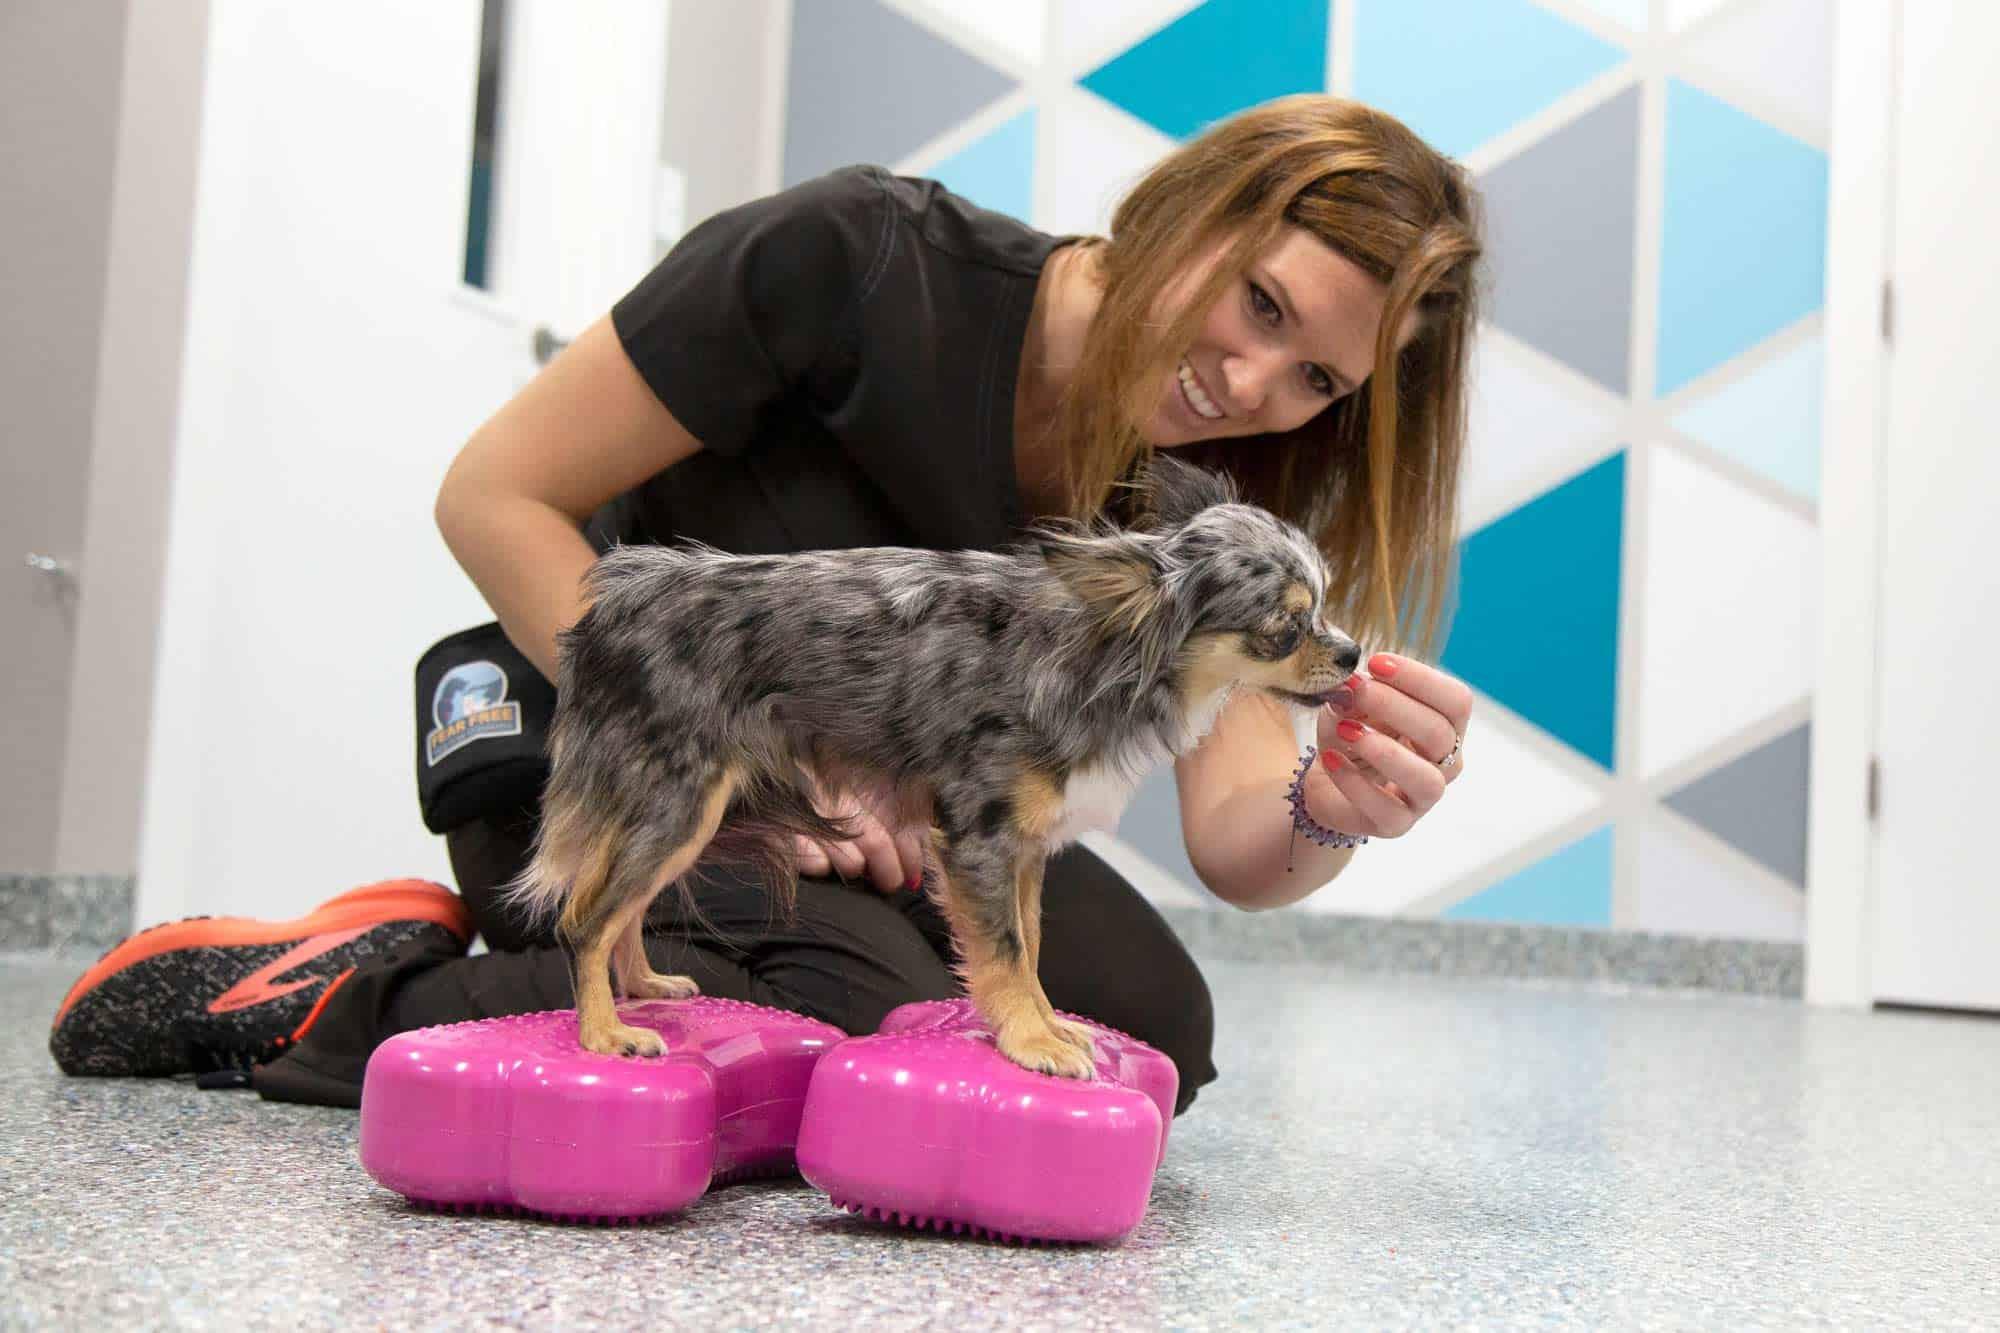 MARS Lauren giving pup treats.